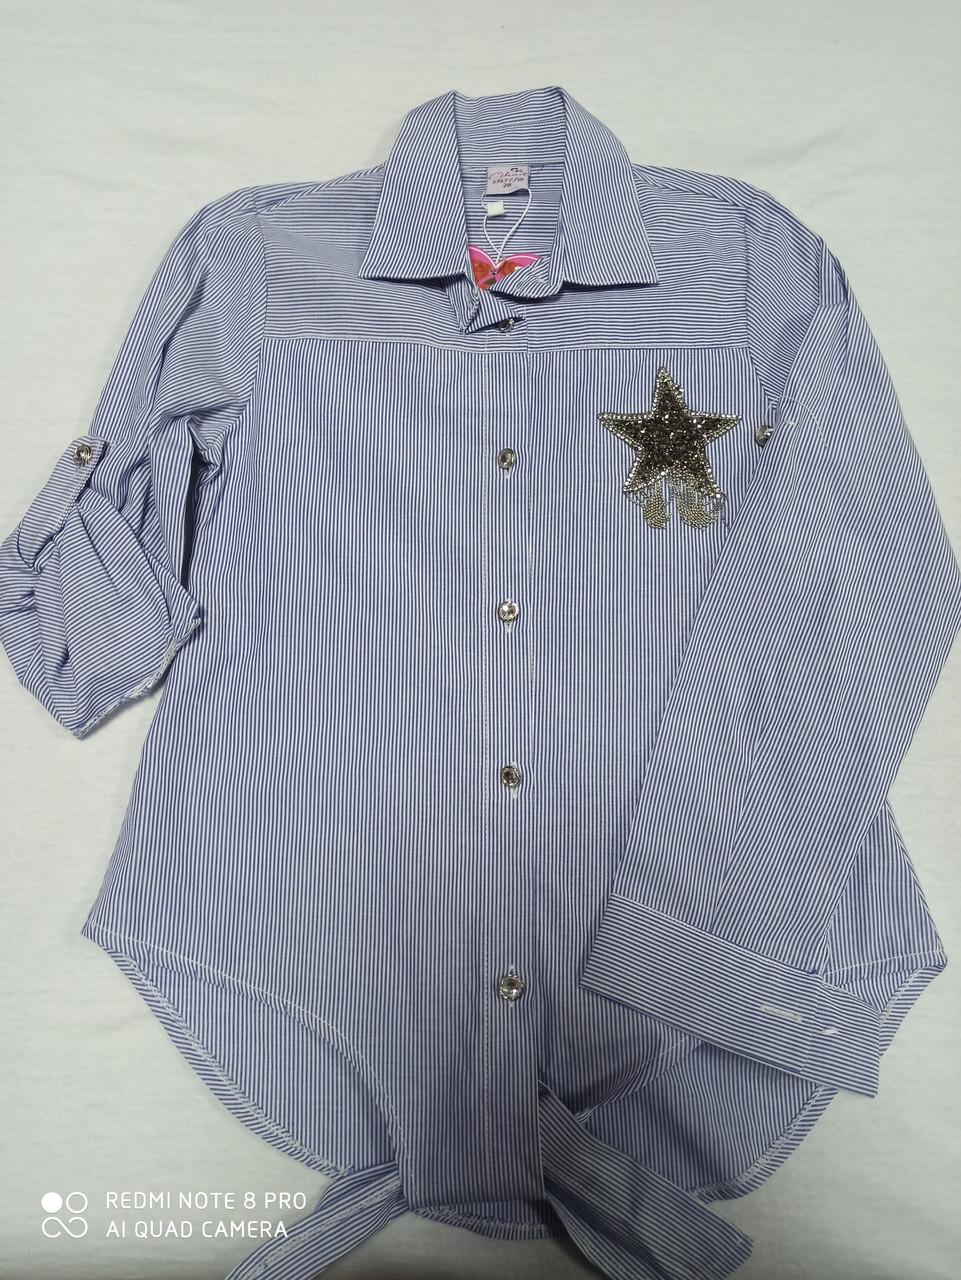 Блуза нарядная стрейчевая  красивая модная в полоску. Рукав- трансформер. Размеры 128.134.140 рост.